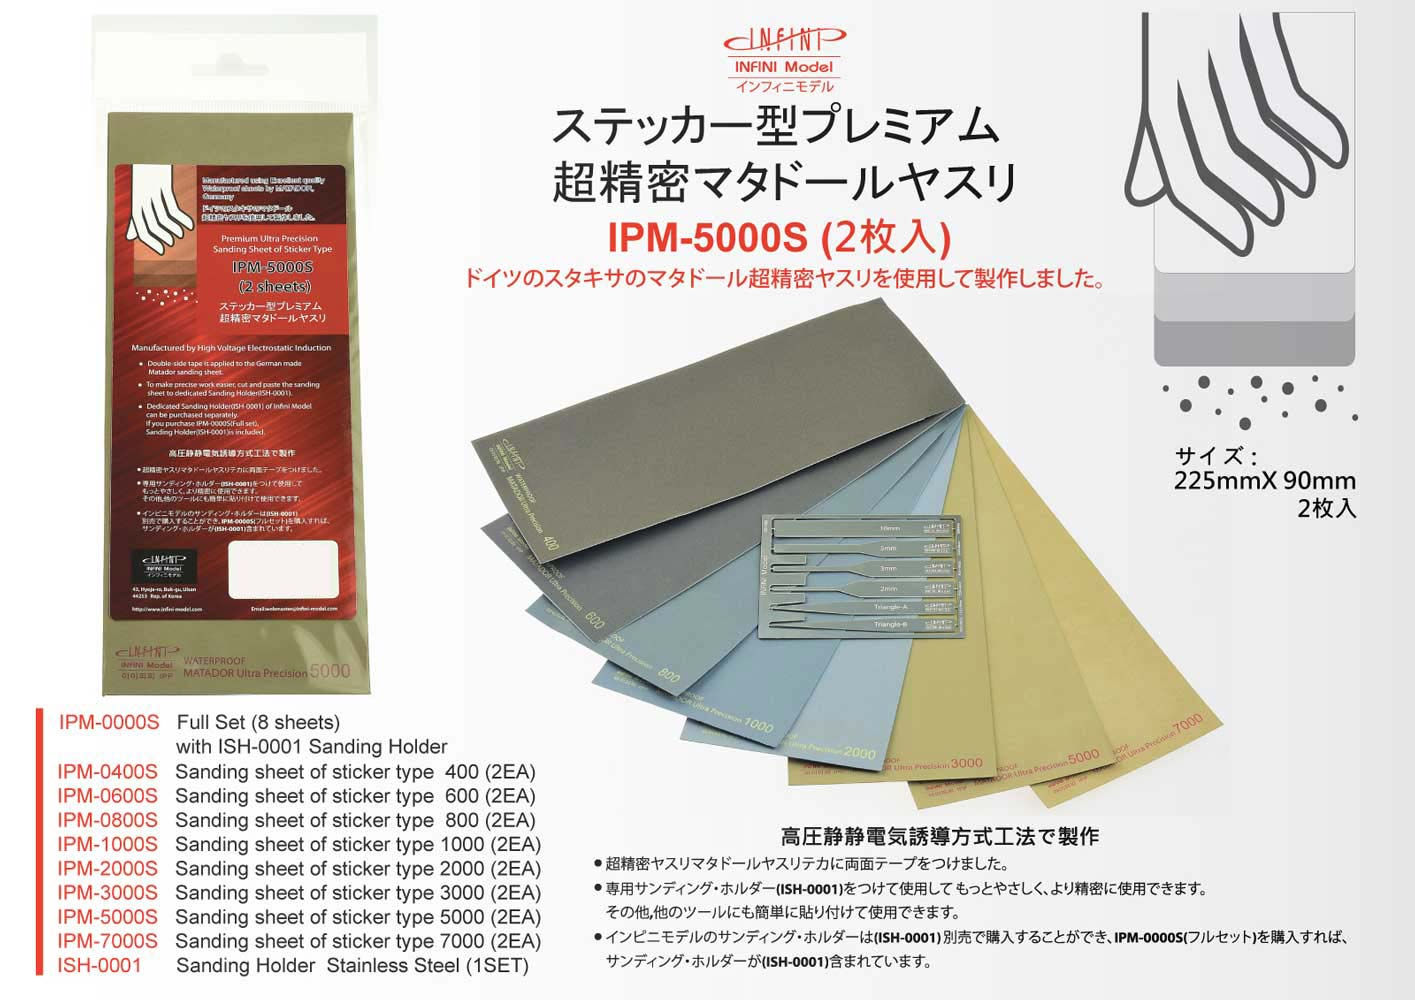 【インフィニモデル製 輸入品】 本体価格:600円 JANコード:4986470065724